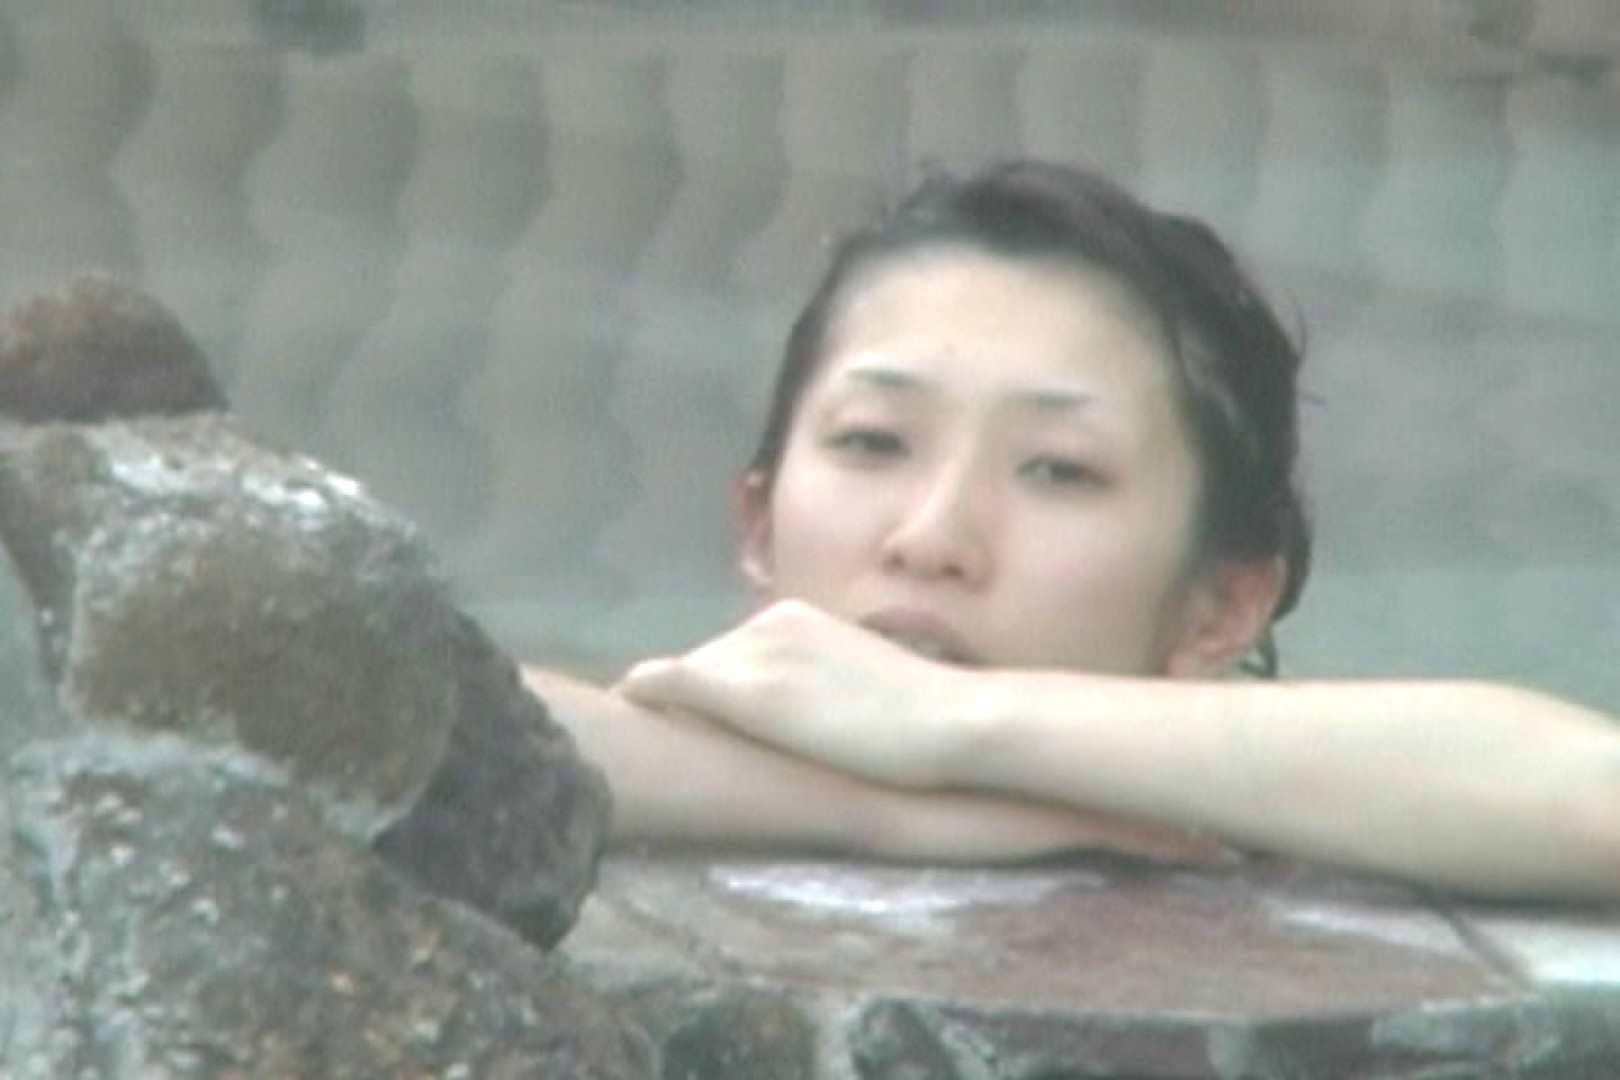 Aquaな露天風呂Vol.588 OLのエロ生活  53連発 21